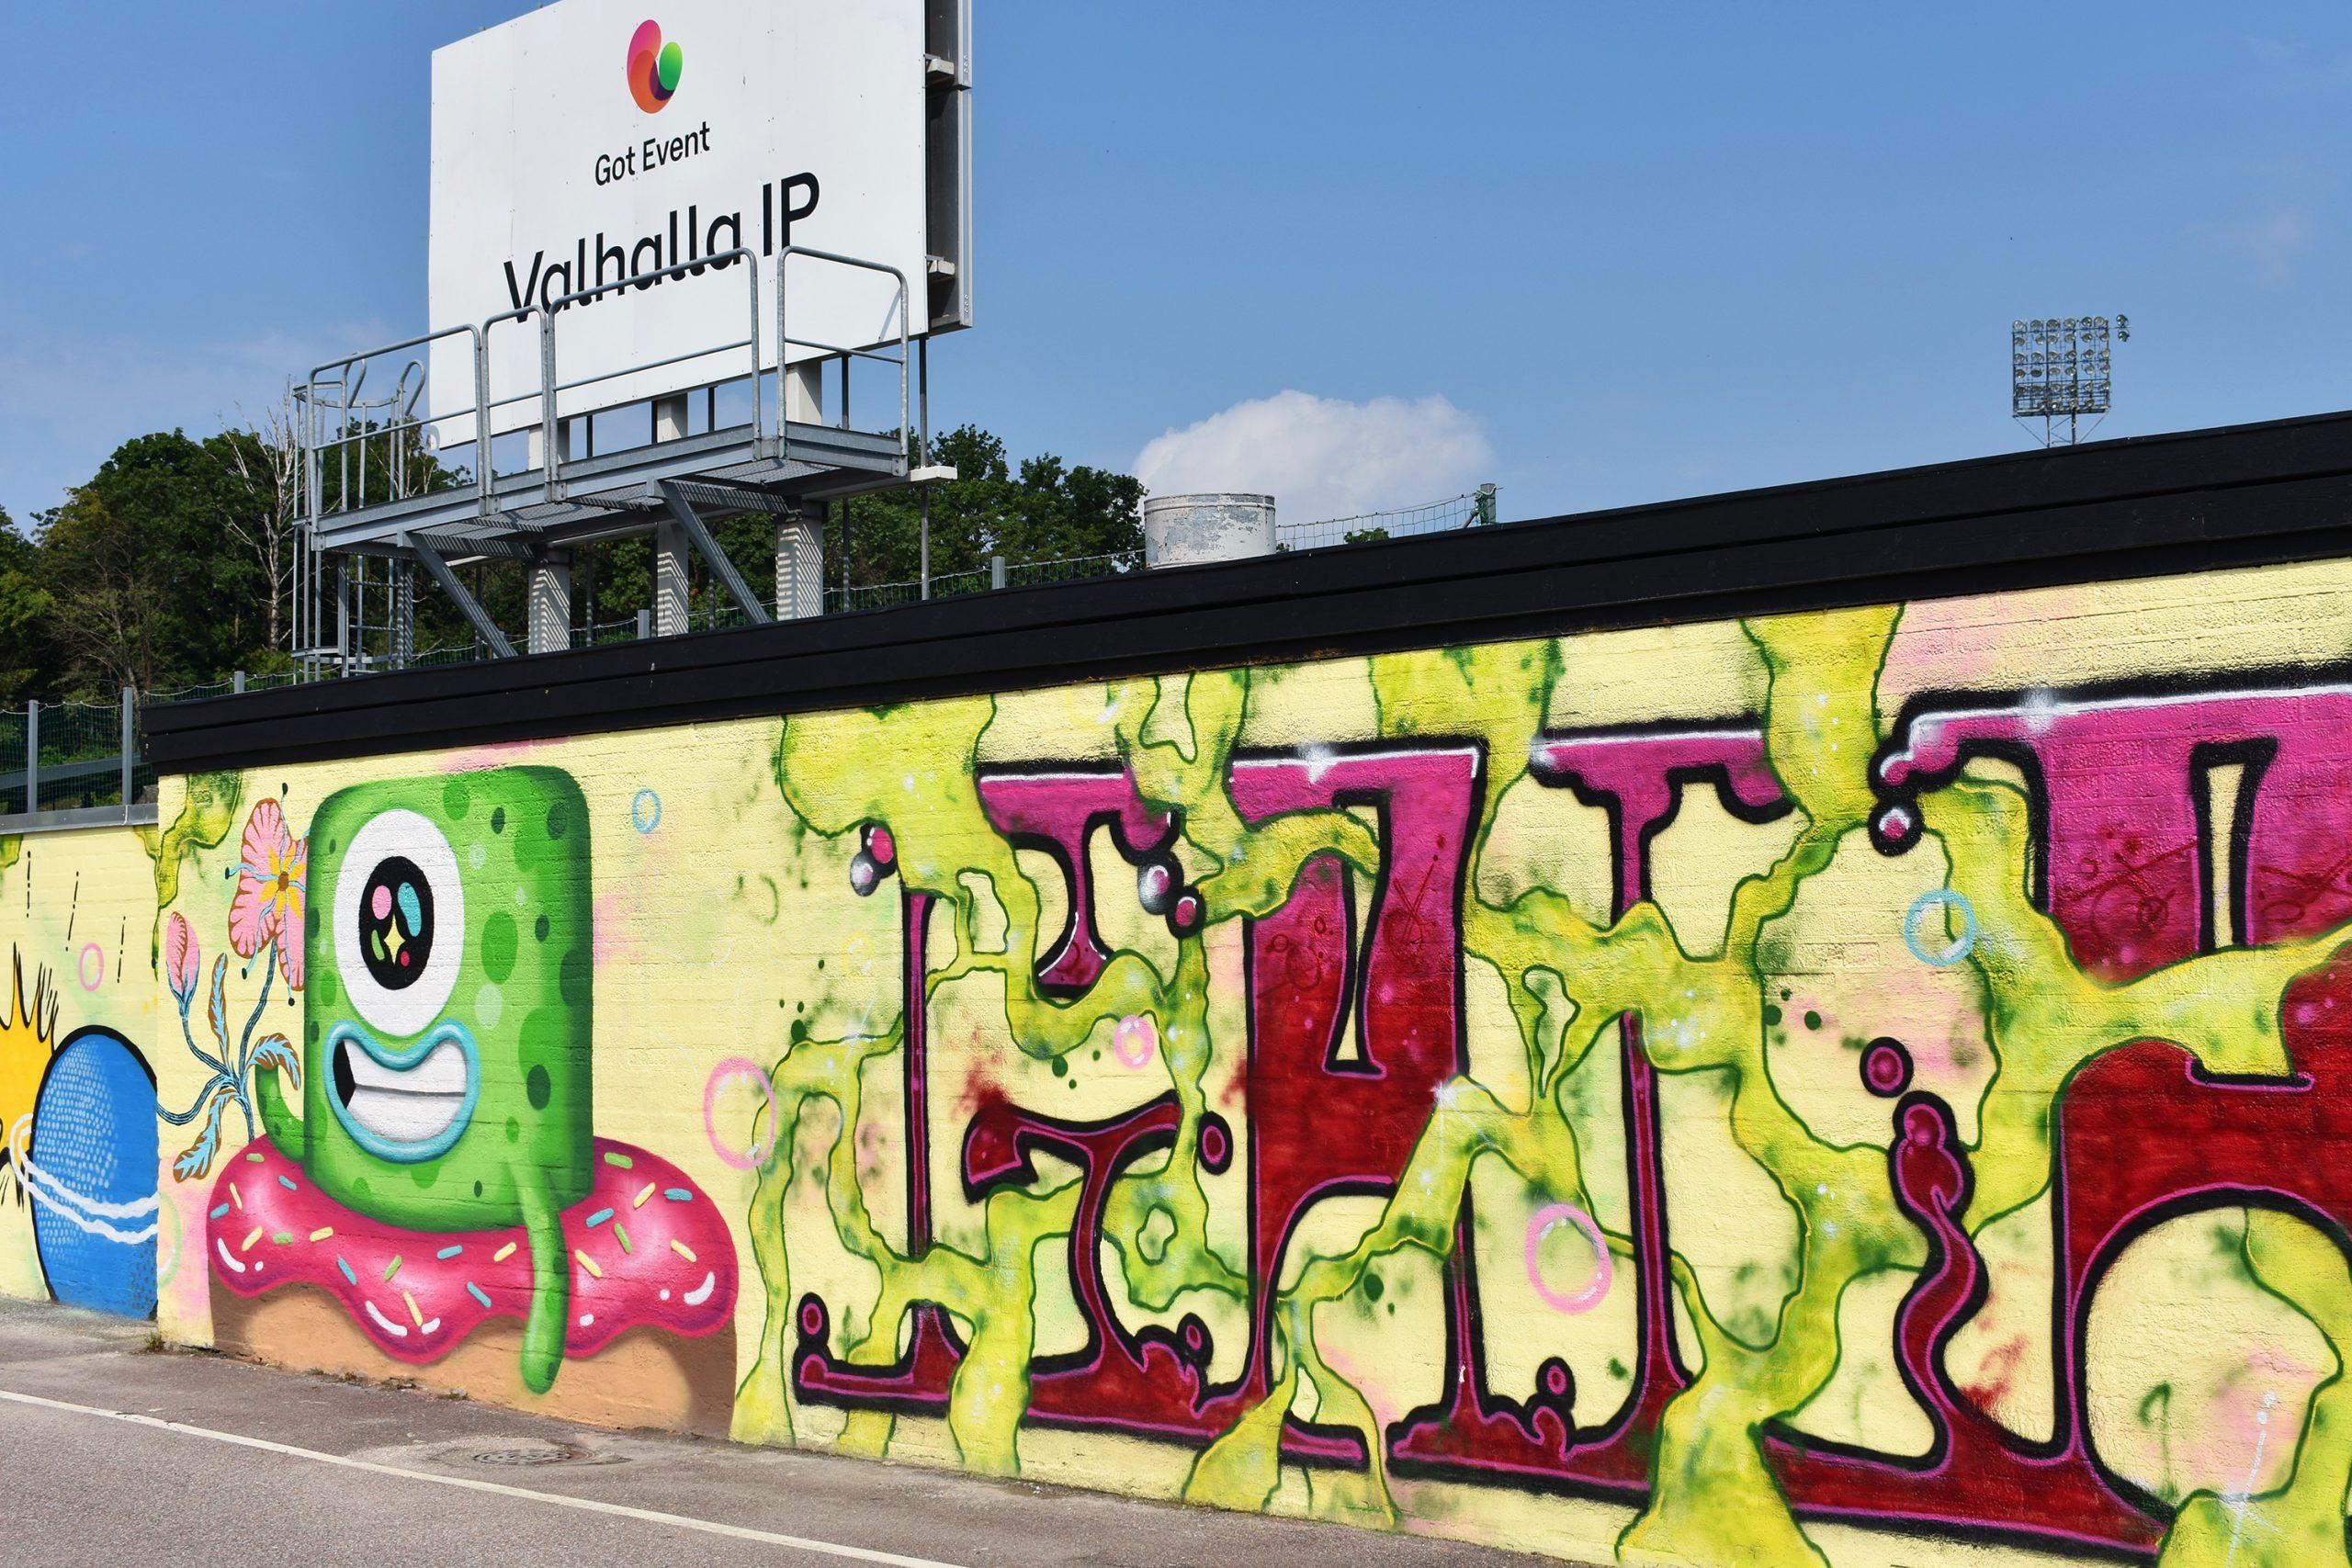 Färgglad målning på mur utanför Valhalla IP